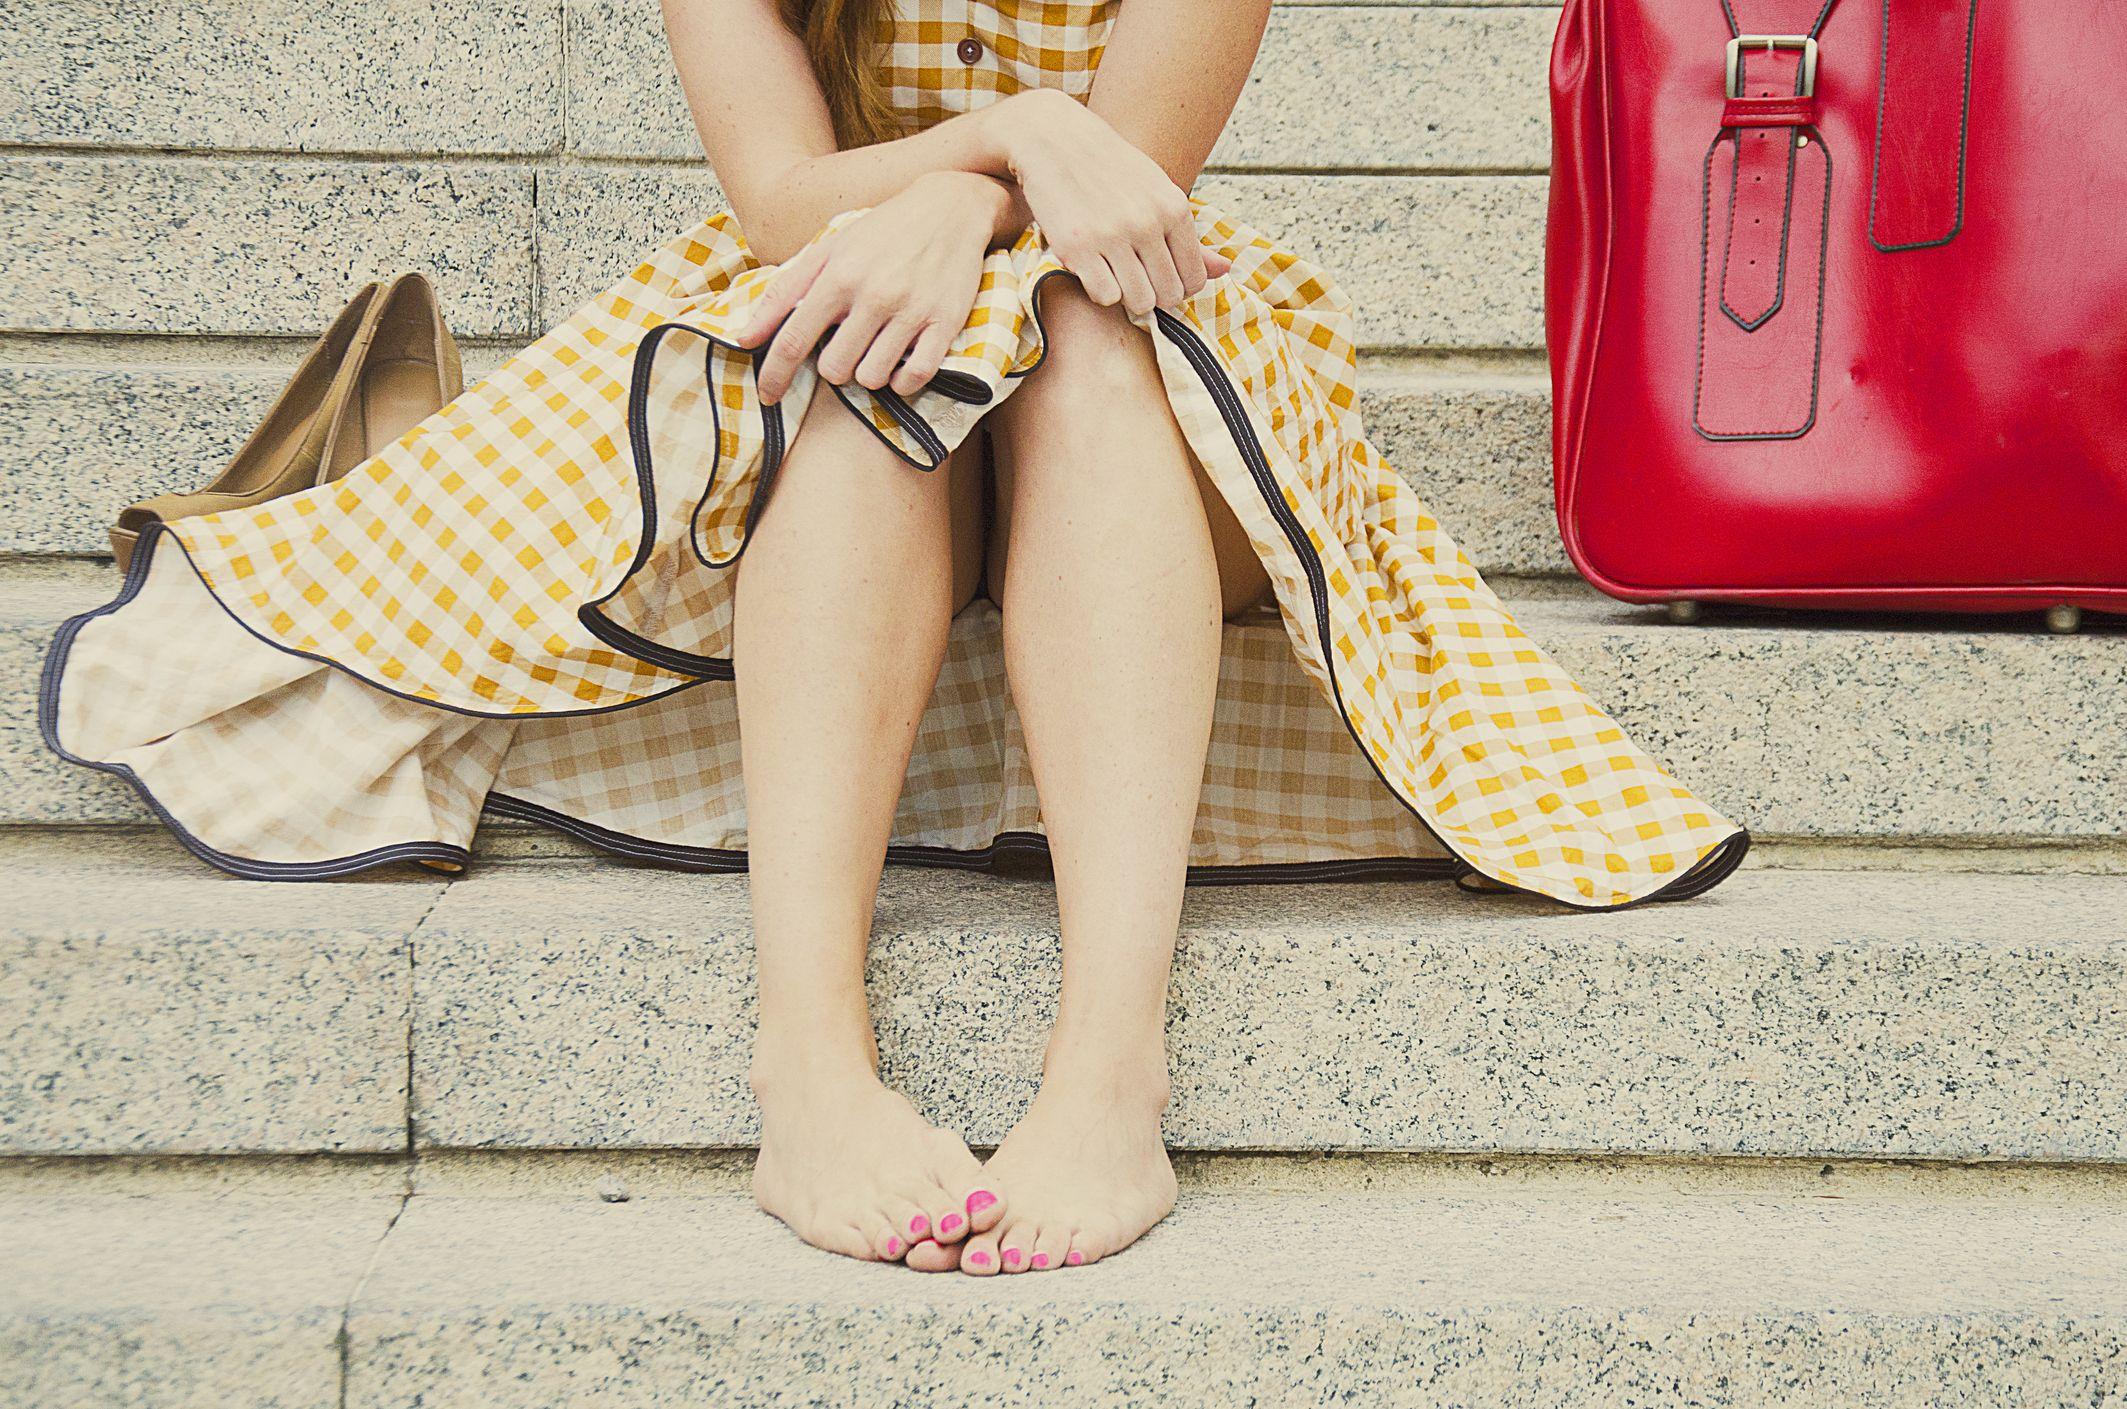 Estas botas (calcetines) frías descongestionarán tus piernas cansadas en unos minutos